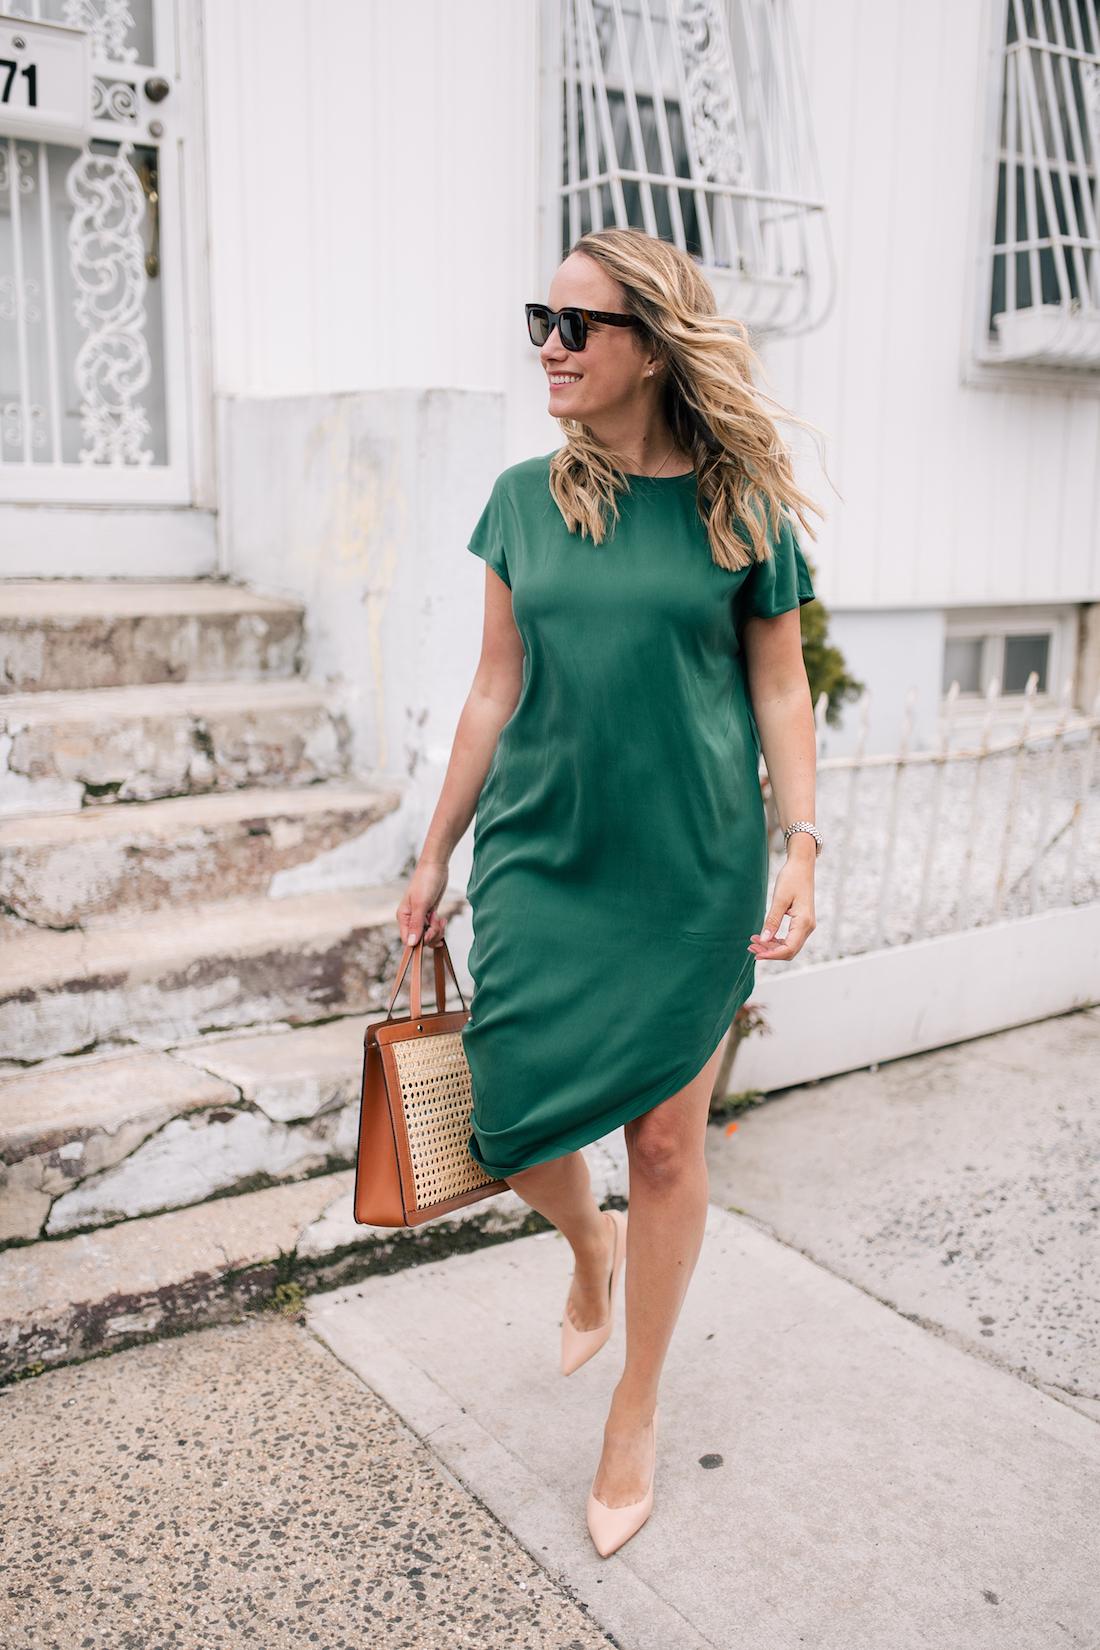 Grace is wearing a Green Universal Standard Dress